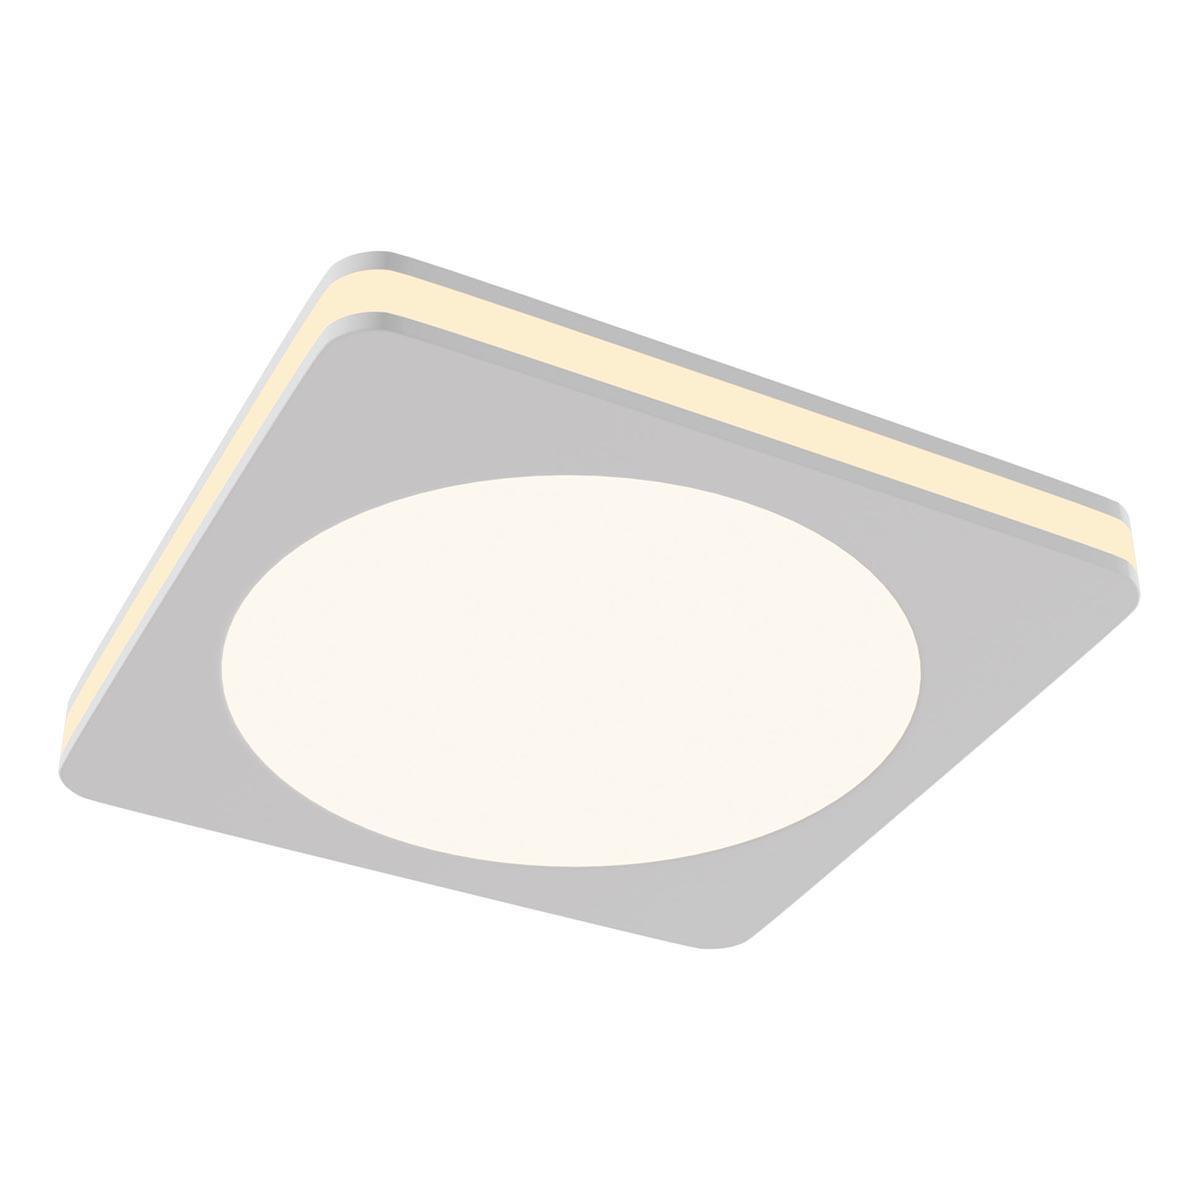 Встраиваемый светодиодный светильник Maytoni Phanton DL303-L12W4K